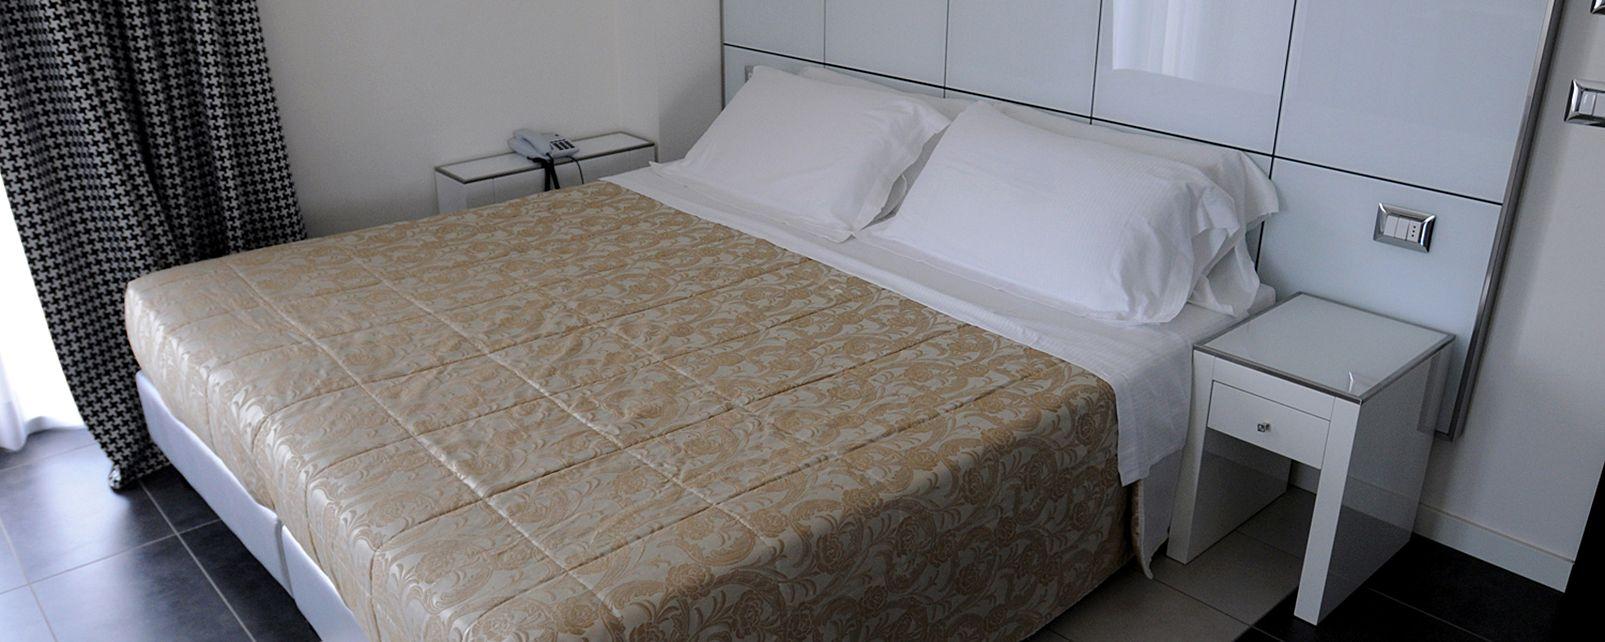 Hotel Atmosphere Suite Hotel